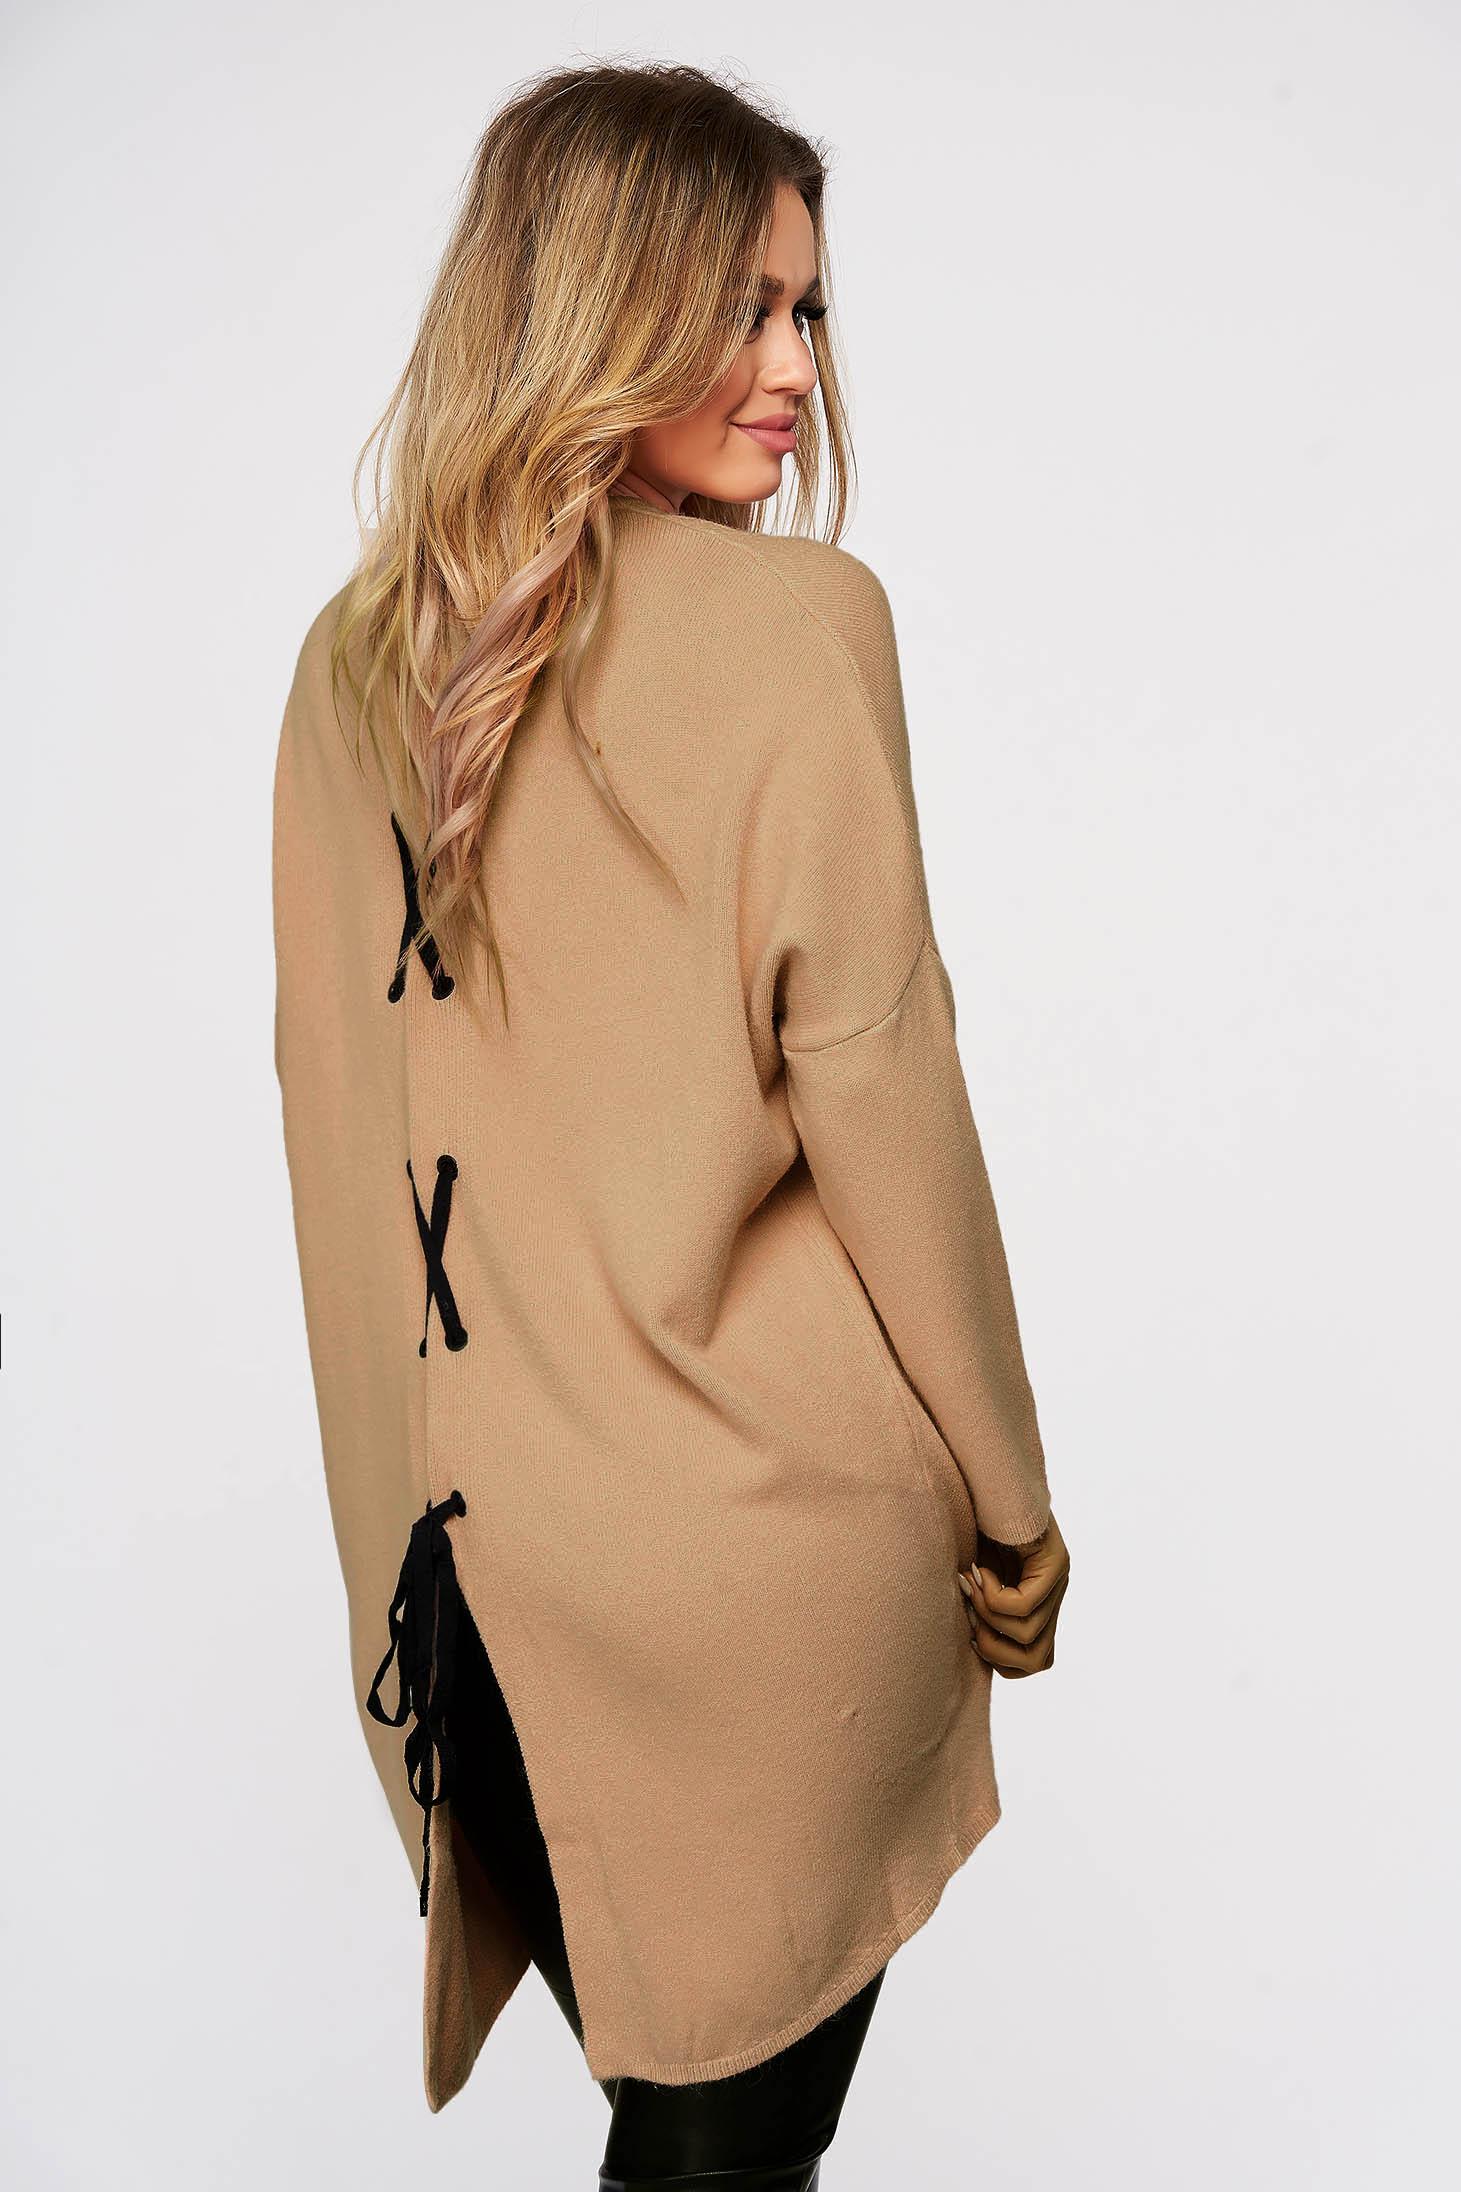 Bluza dama SunShine crem tricotata din material elastic si fin cu croi larg cu snur si slit la spate